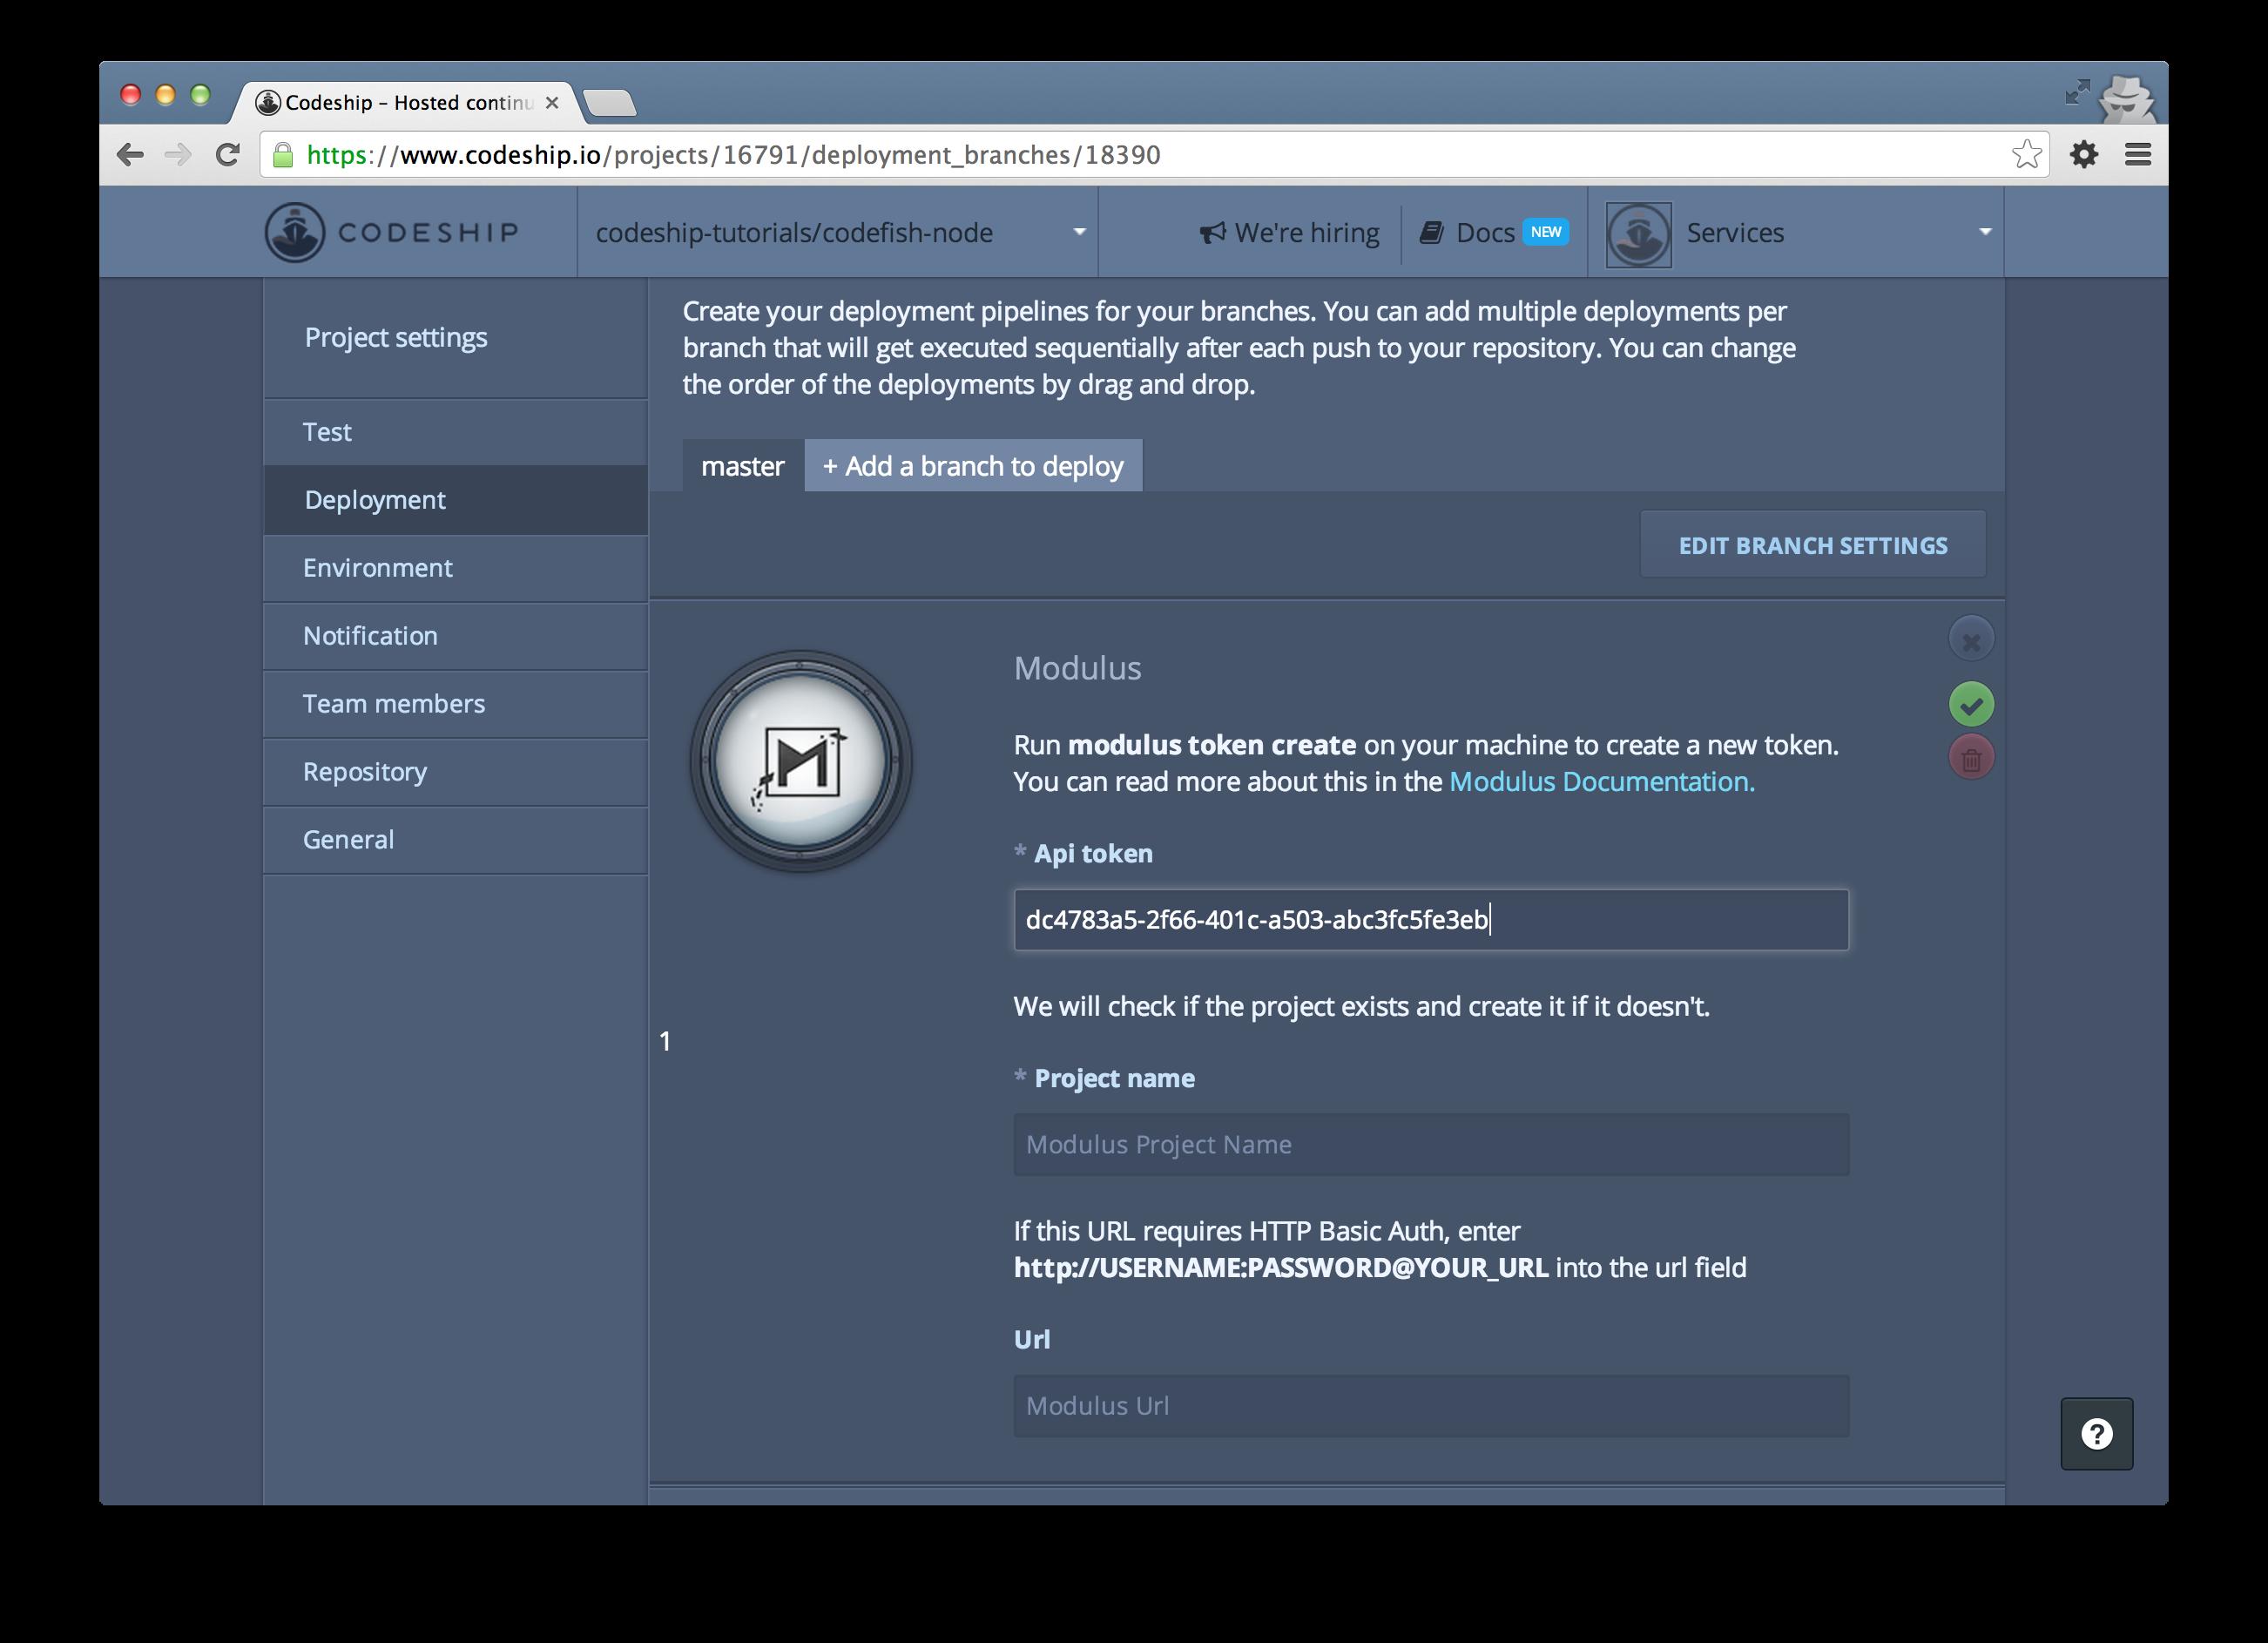 Insert modulus API token